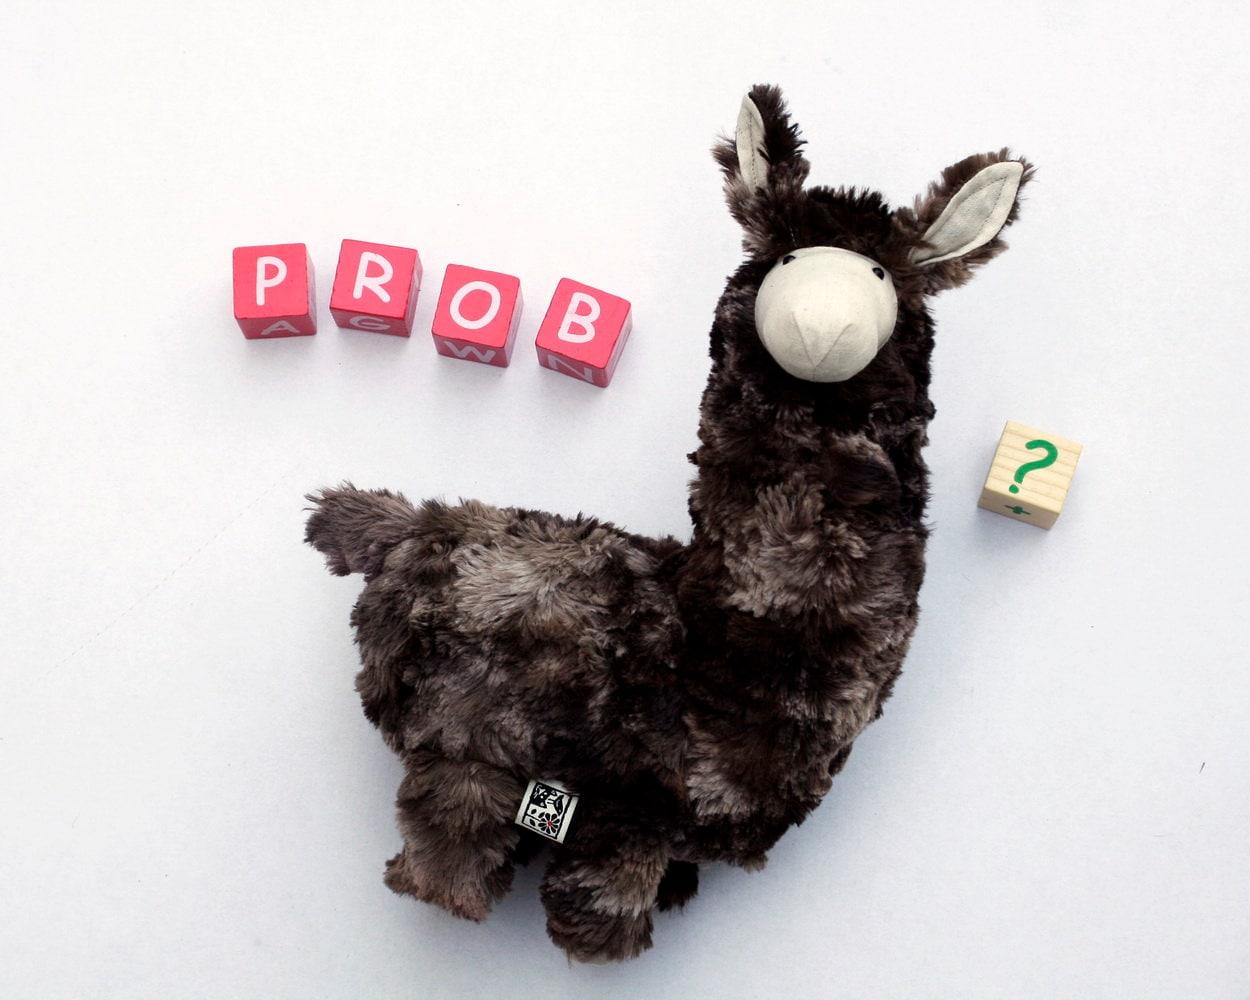 Stuffed Llama, Llama Plush, Probllama? Cute Soft Baby Toy